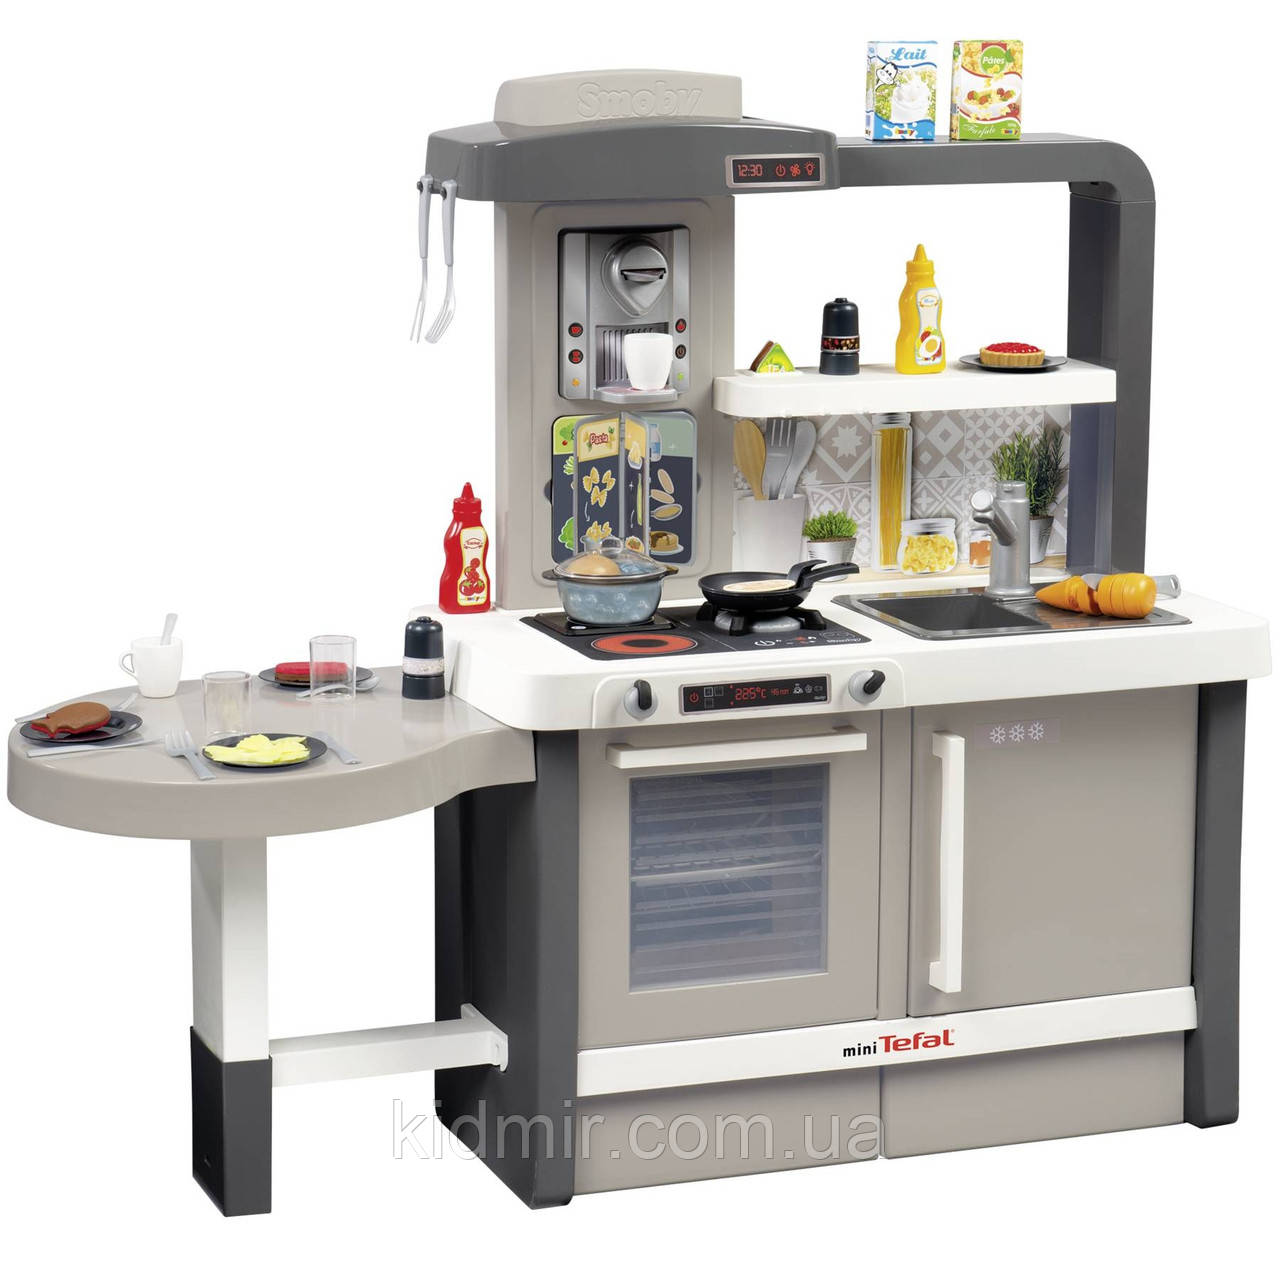 Кухня интерактивная Тефаль эффект кипения, звук и аксессуары Tefal Smoby 312300